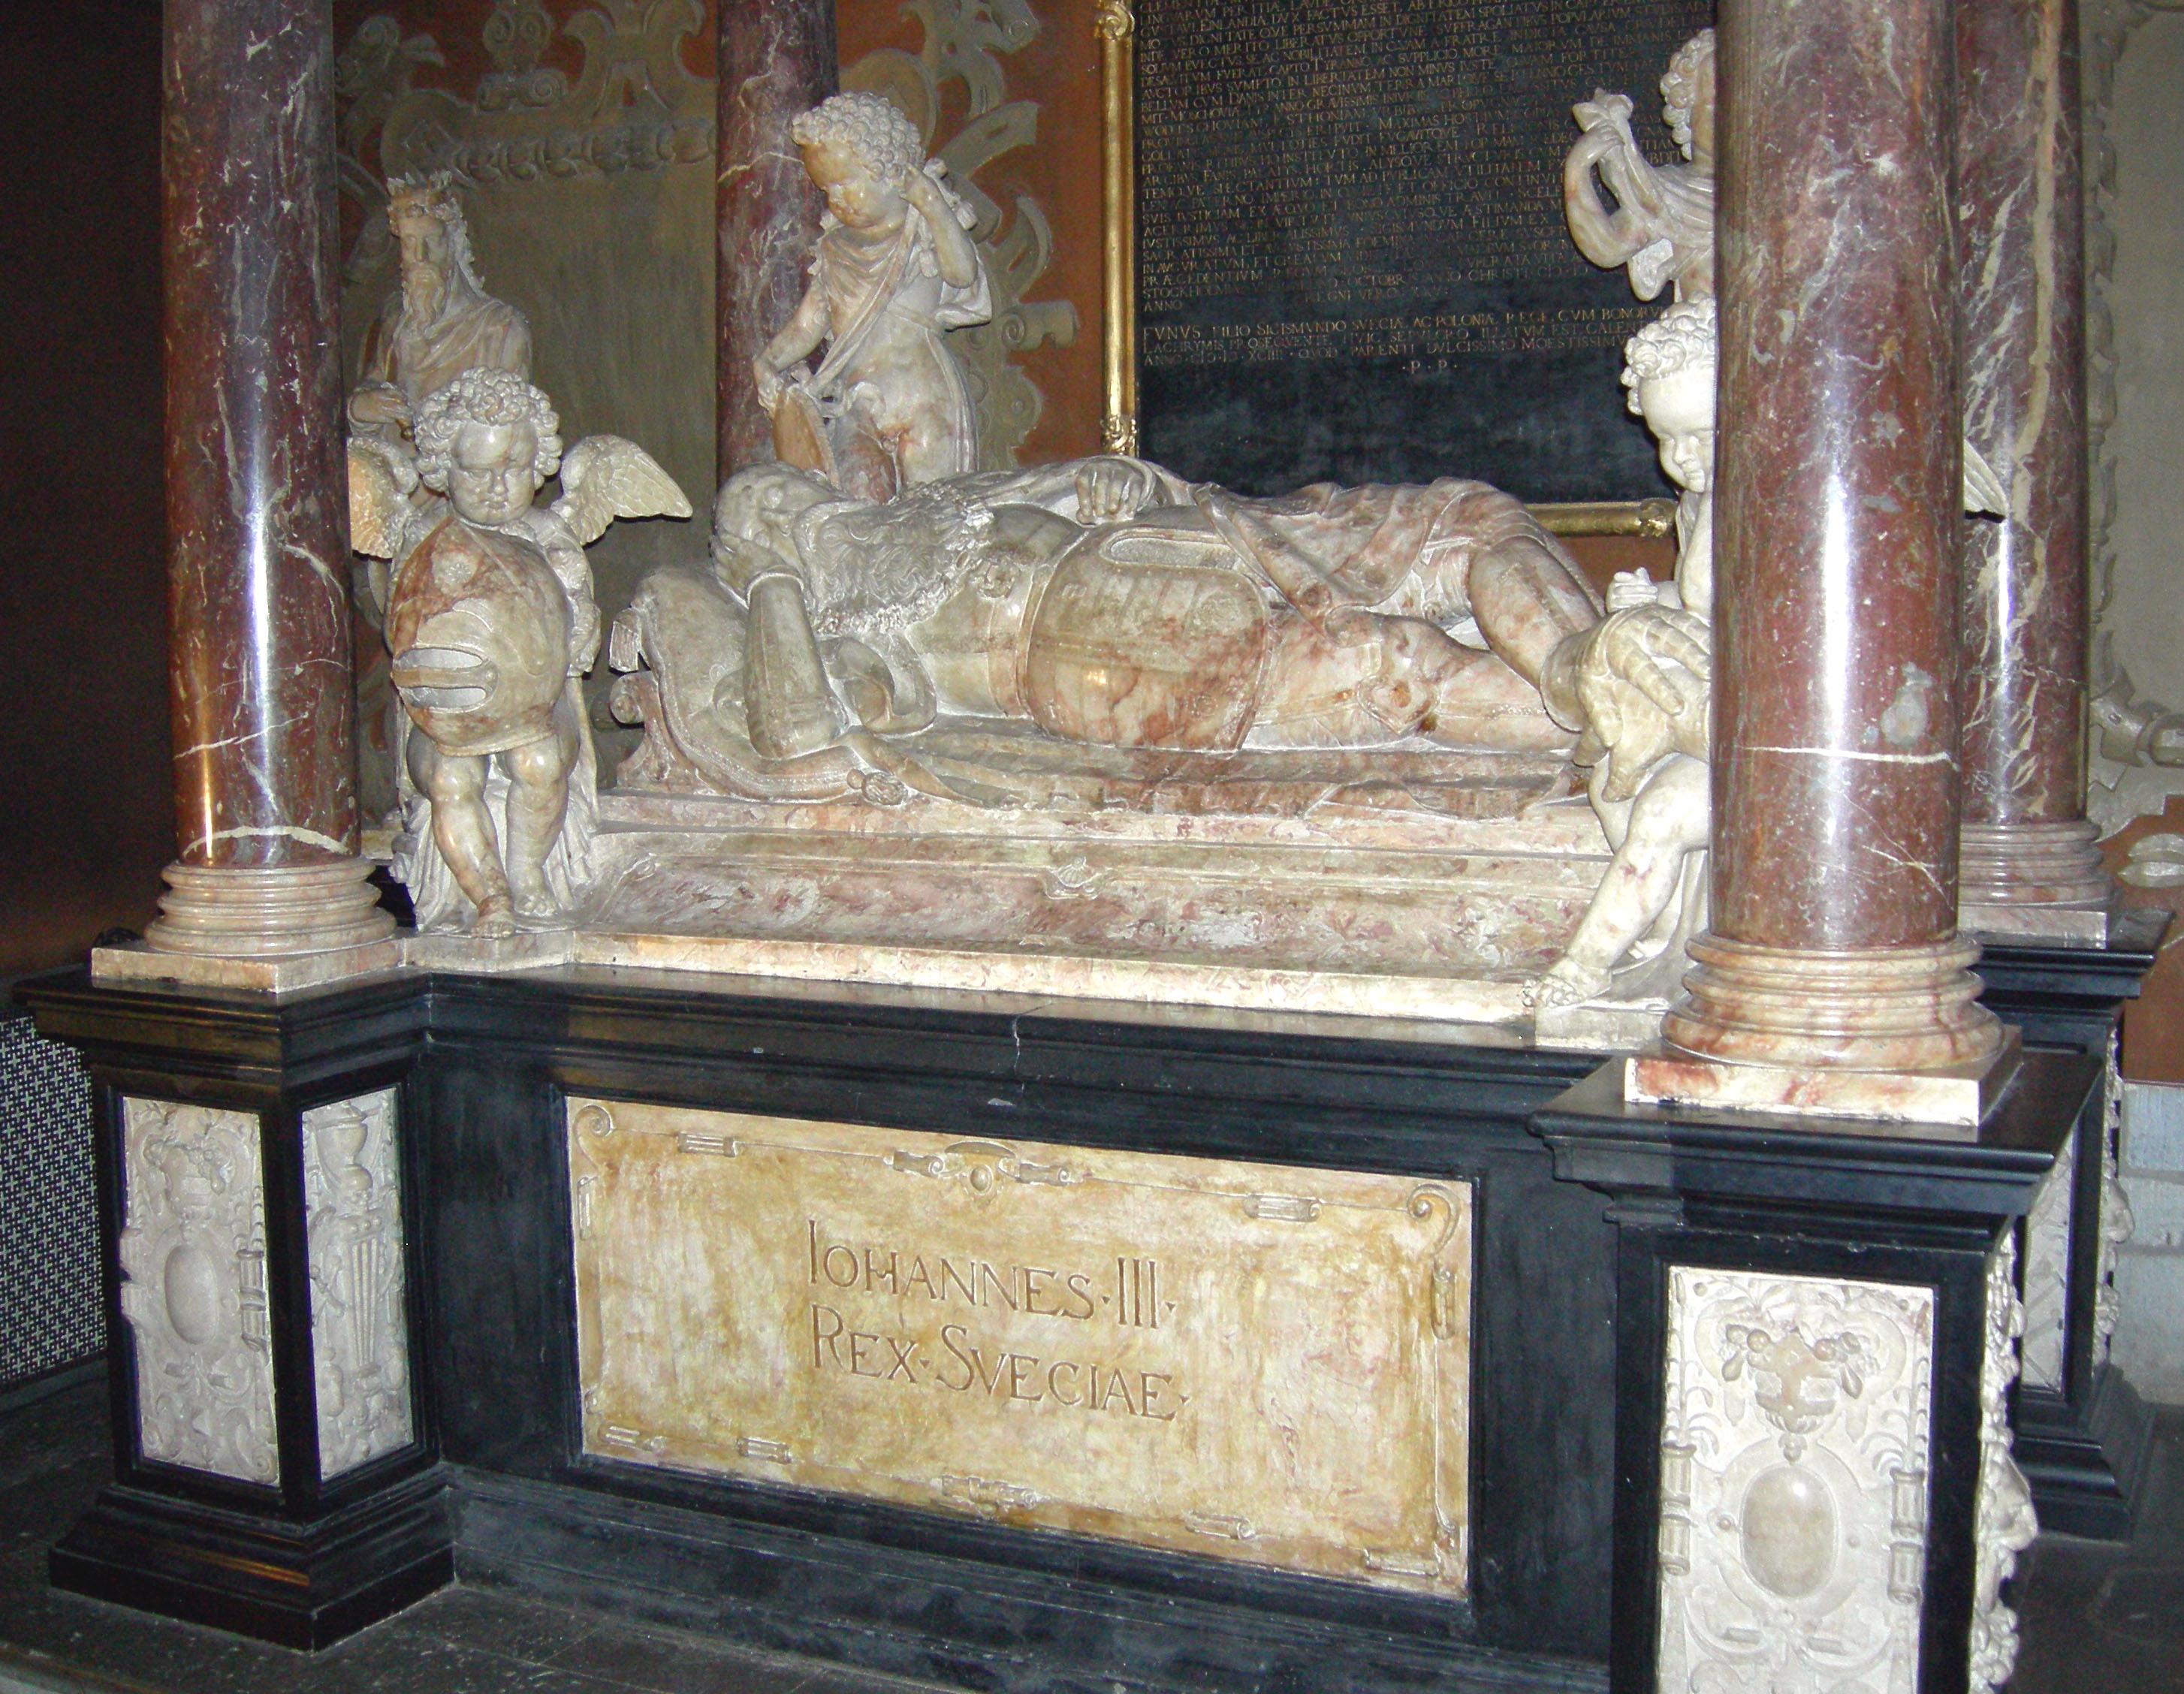 John III of Sweden